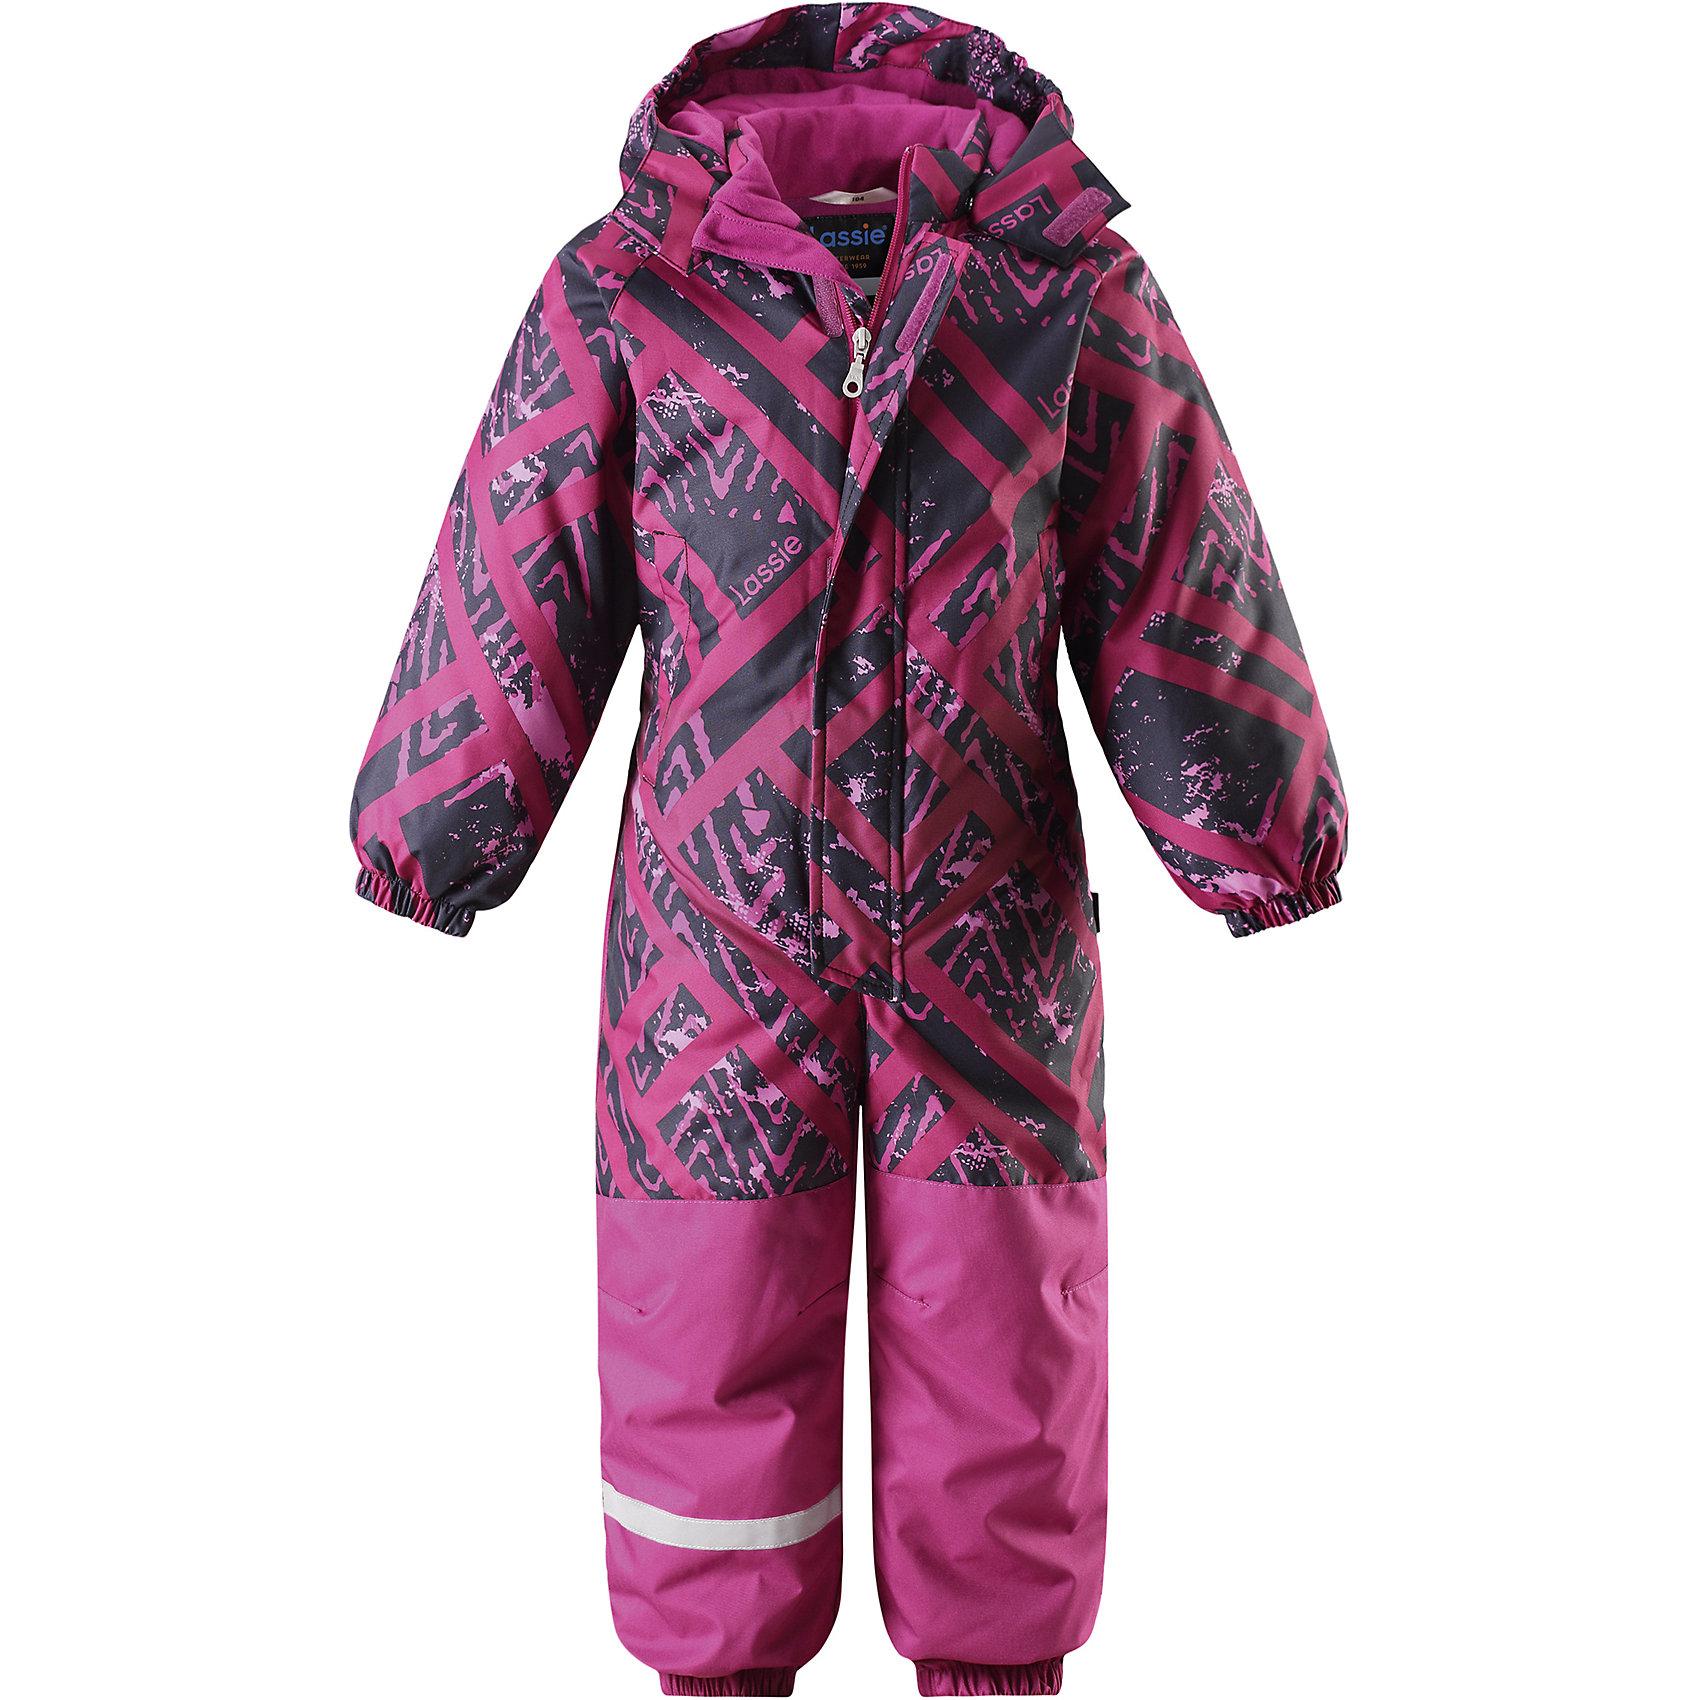 Комбинезон LassieОдежда<br>Этот классический детский зимний комбинезон – превосходное дополнение к зимнему гардеробу! Он изготовлен из сверхпрочного материала и поэтому станет идеальным выбором для активных детей, которые любят играть на свежем воздухе. Съемный капюшон обеспечивает дополнительную безопасность и эффективно защищает щечки от морозного ветра, а съемные штрипки не дадут концам брючин задираться во время веселых игр на свежем воздухе. Обратите внимание: комбинезон снабжен удобным карманом на липучке, в который поместятся все найденные за день маленькие сокровища!<br>Состав:<br>100% Полиэстер<br><br>Ширина мм: 356<br>Глубина мм: 10<br>Высота мм: 245<br>Вес г: 519<br>Цвет: фиолетовый<br>Возраст от месяцев: 72<br>Возраст до месяцев: 84<br>Пол: Унисекс<br>Возраст: Детский<br>Размер: 122,128,92,98,104,110,116<br>SKU: 6927335